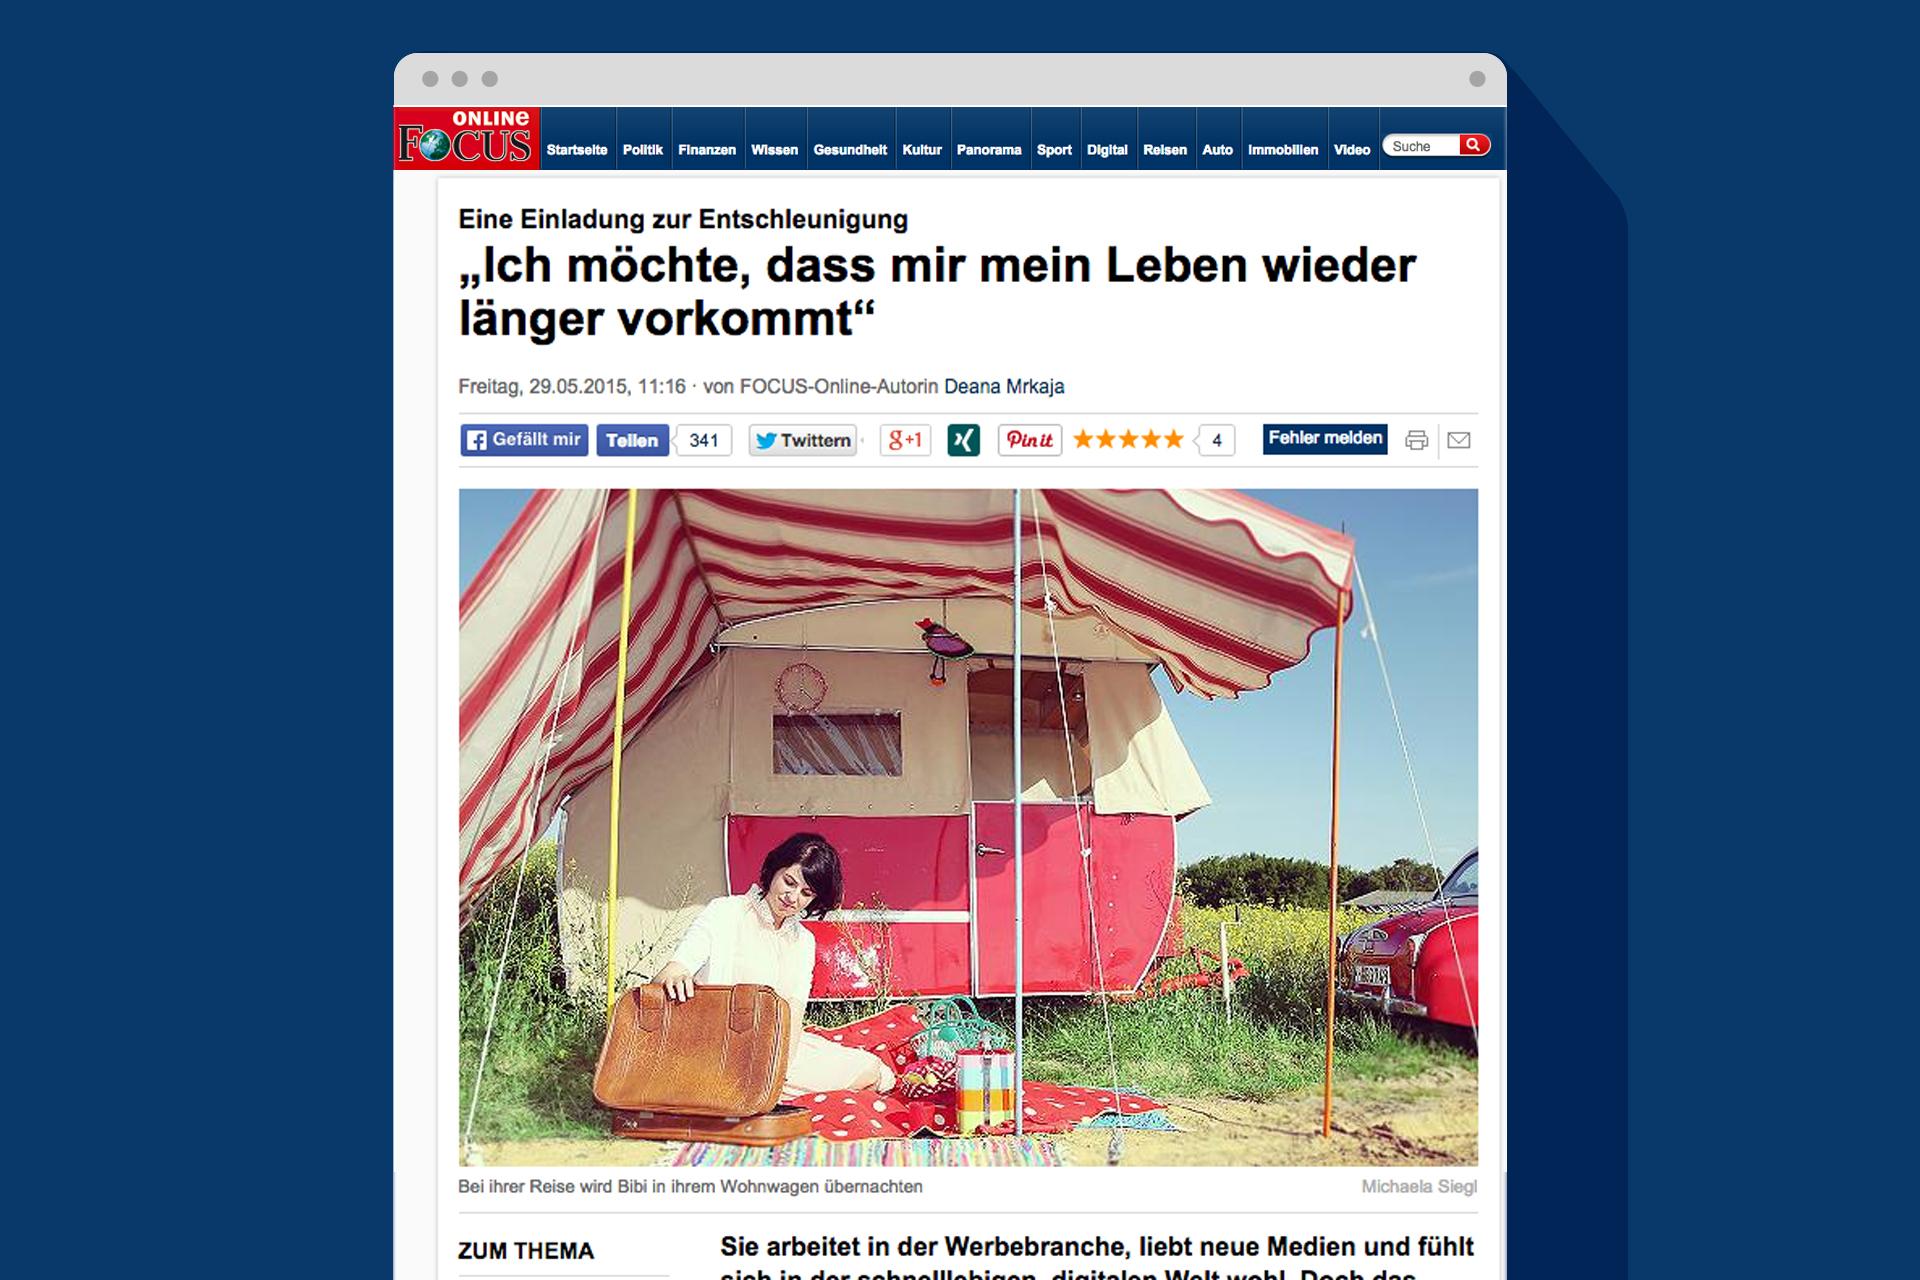 Blog-Focus-online-Berlin-Entschleunigung